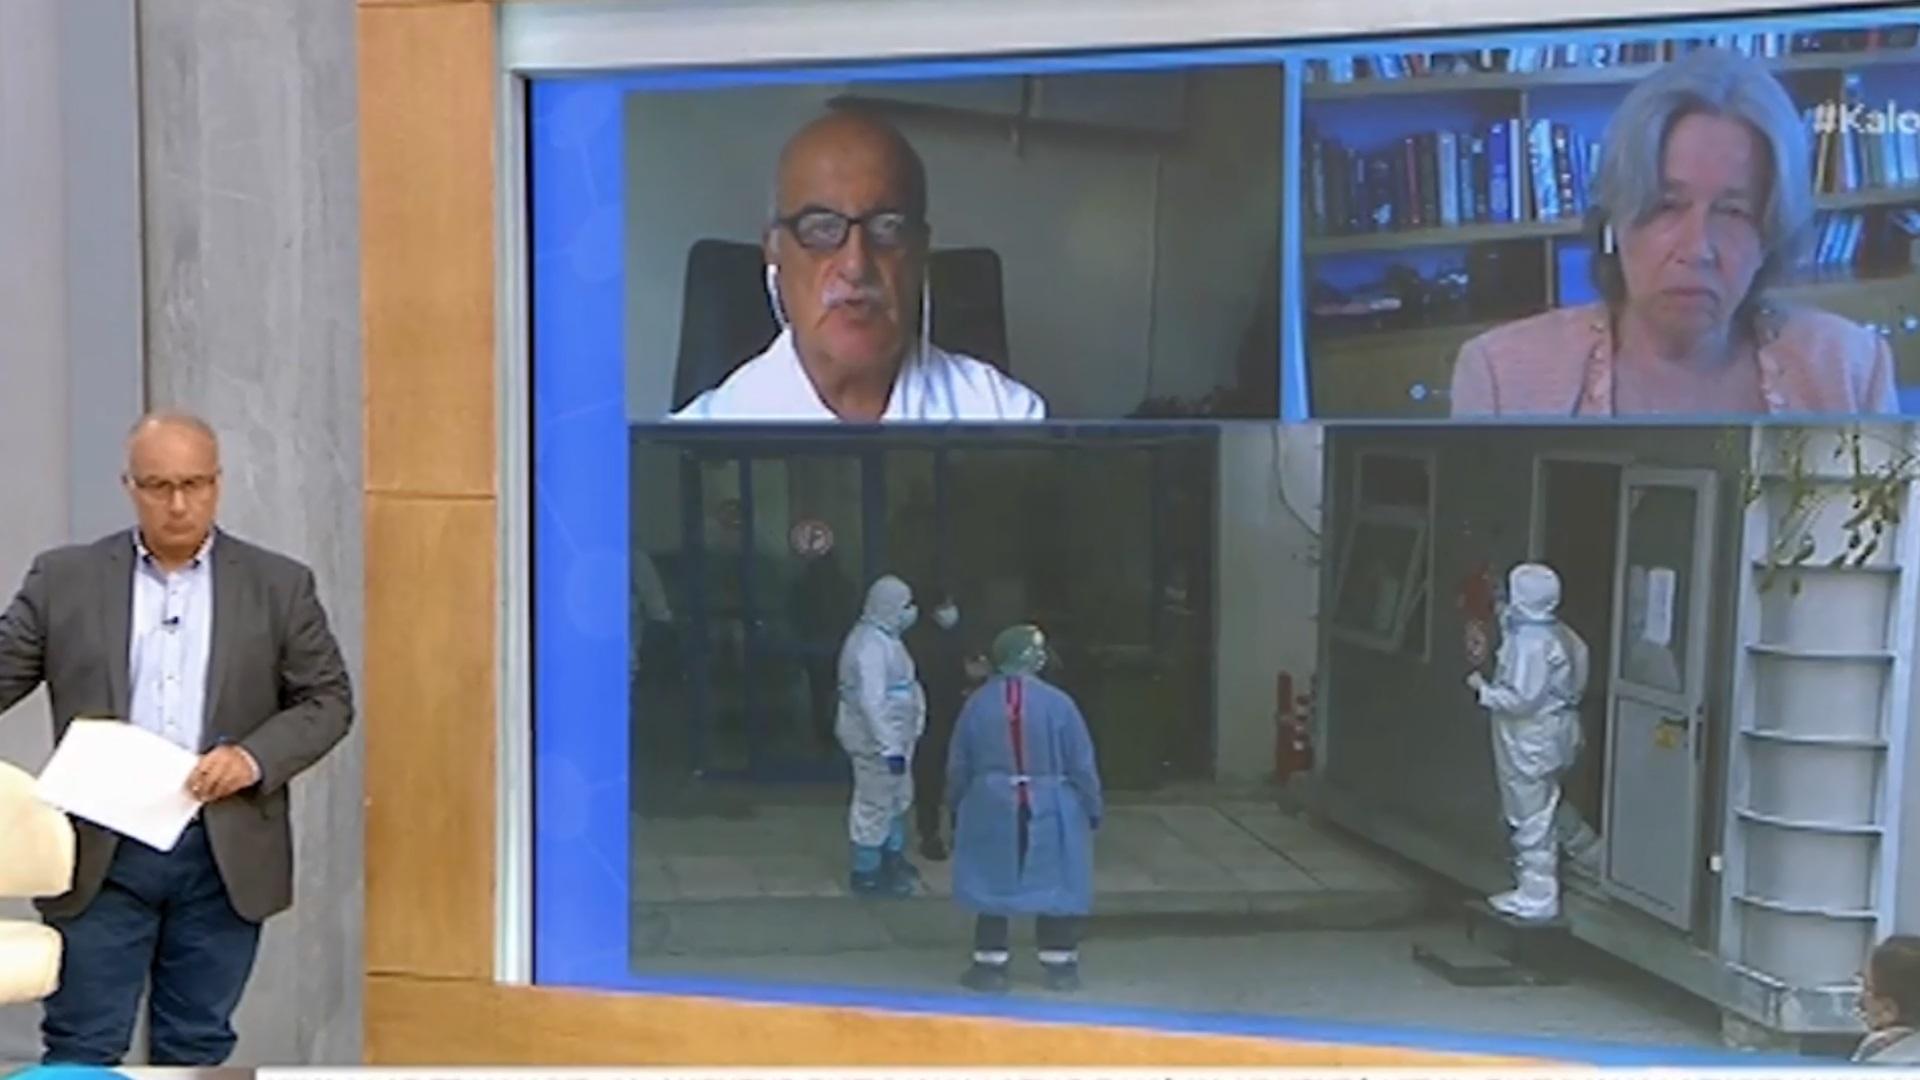 Νίκος Τζανάκης: Να καταργηθεί ο ναργιλές – Εκκολαπτήριο του κορονοϊού